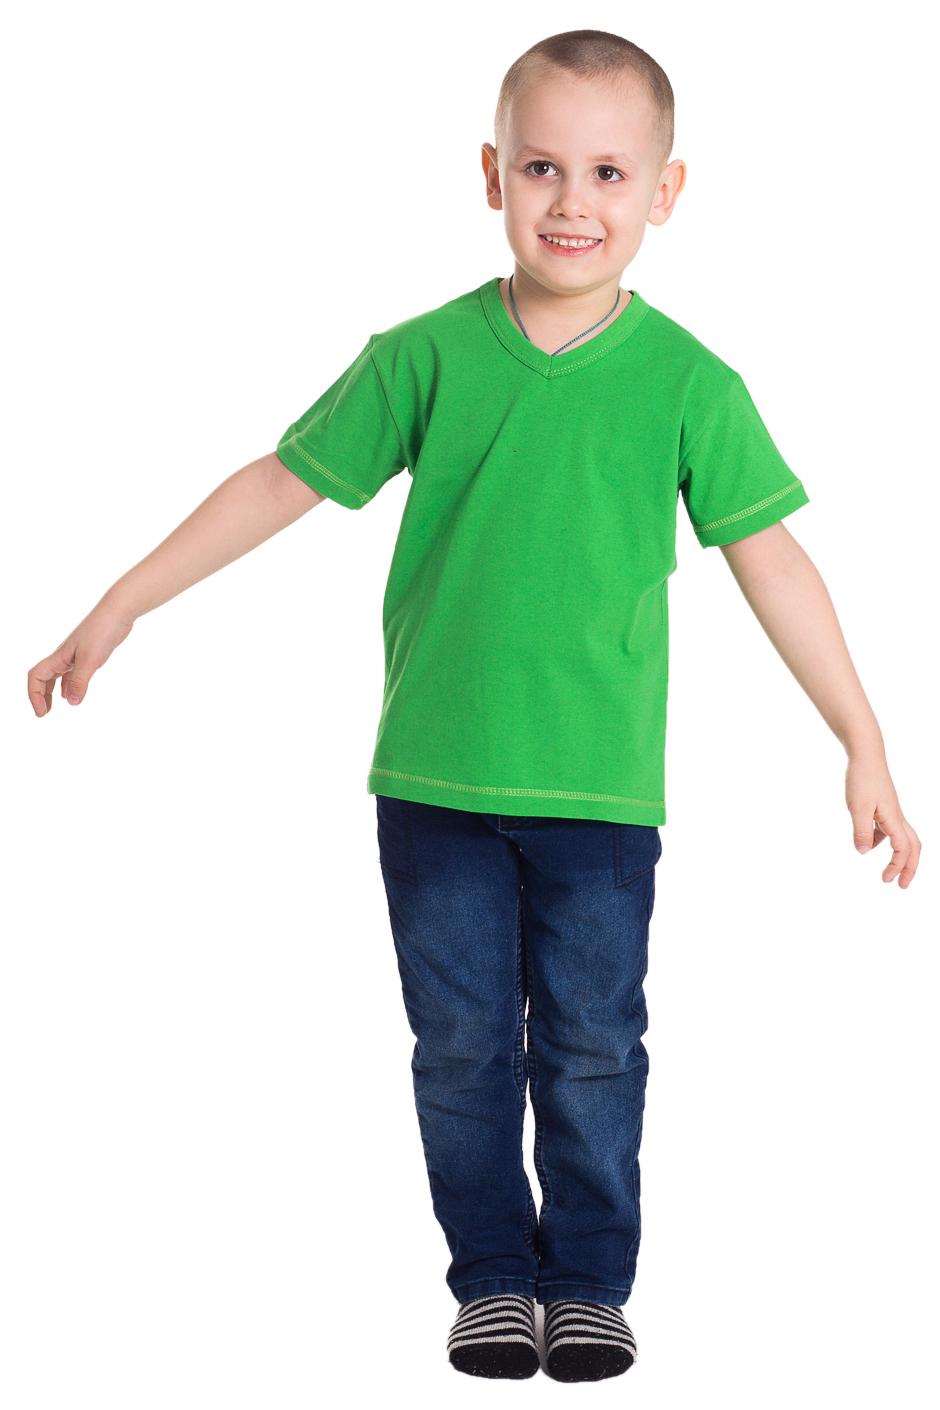 ФутболкаФутболки<br>Хлопковая футболка для мальчика  Цвет: зеленый  Размер 74 соответствует росту 70-73 см Размер 80 соответствует росту 74-80 см Размер 86 соответствует росту 81-86 см Размер 92 соответствует росту 87-92 см Размер 98 соответствует росту 93-98 см Размер 104 соответствует росту 98-104 см Размер 110 соответствует росту 105-110 см Размер 116 соответствует росту 111-116 см Размер 122 соответствует росту 117-122 см Размер 128 соответствует росту 123-128 см Размер 134 соответствует росту 129-134 см Размер 140 соответствует росту 135-140 см Размер 146 соответствует росту 141-146 см Размер 152 соответствует росту 147-152 см Размер 158 соответствует росту 153-158 см Размер 164 соответствует росту 159-164 см<br><br>Горловина: V- горловина<br>По возрасту: Дошкольные ( от 3 до 7 лет),Школьные ( от 7 до 13 лет)<br>По материалу: Хлопковые<br>По образу: Повседневные,Спорт,Уличные<br>По рисунку: Однотонные<br>По сезону: Весна,Зима,Лето,Осень,Всесезон<br>По силуэту: Полуприталенные<br>Рукав: Короткий рукав<br>Размер : 110,122<br>Материал: Хлопок<br>Количество в наличии: 5